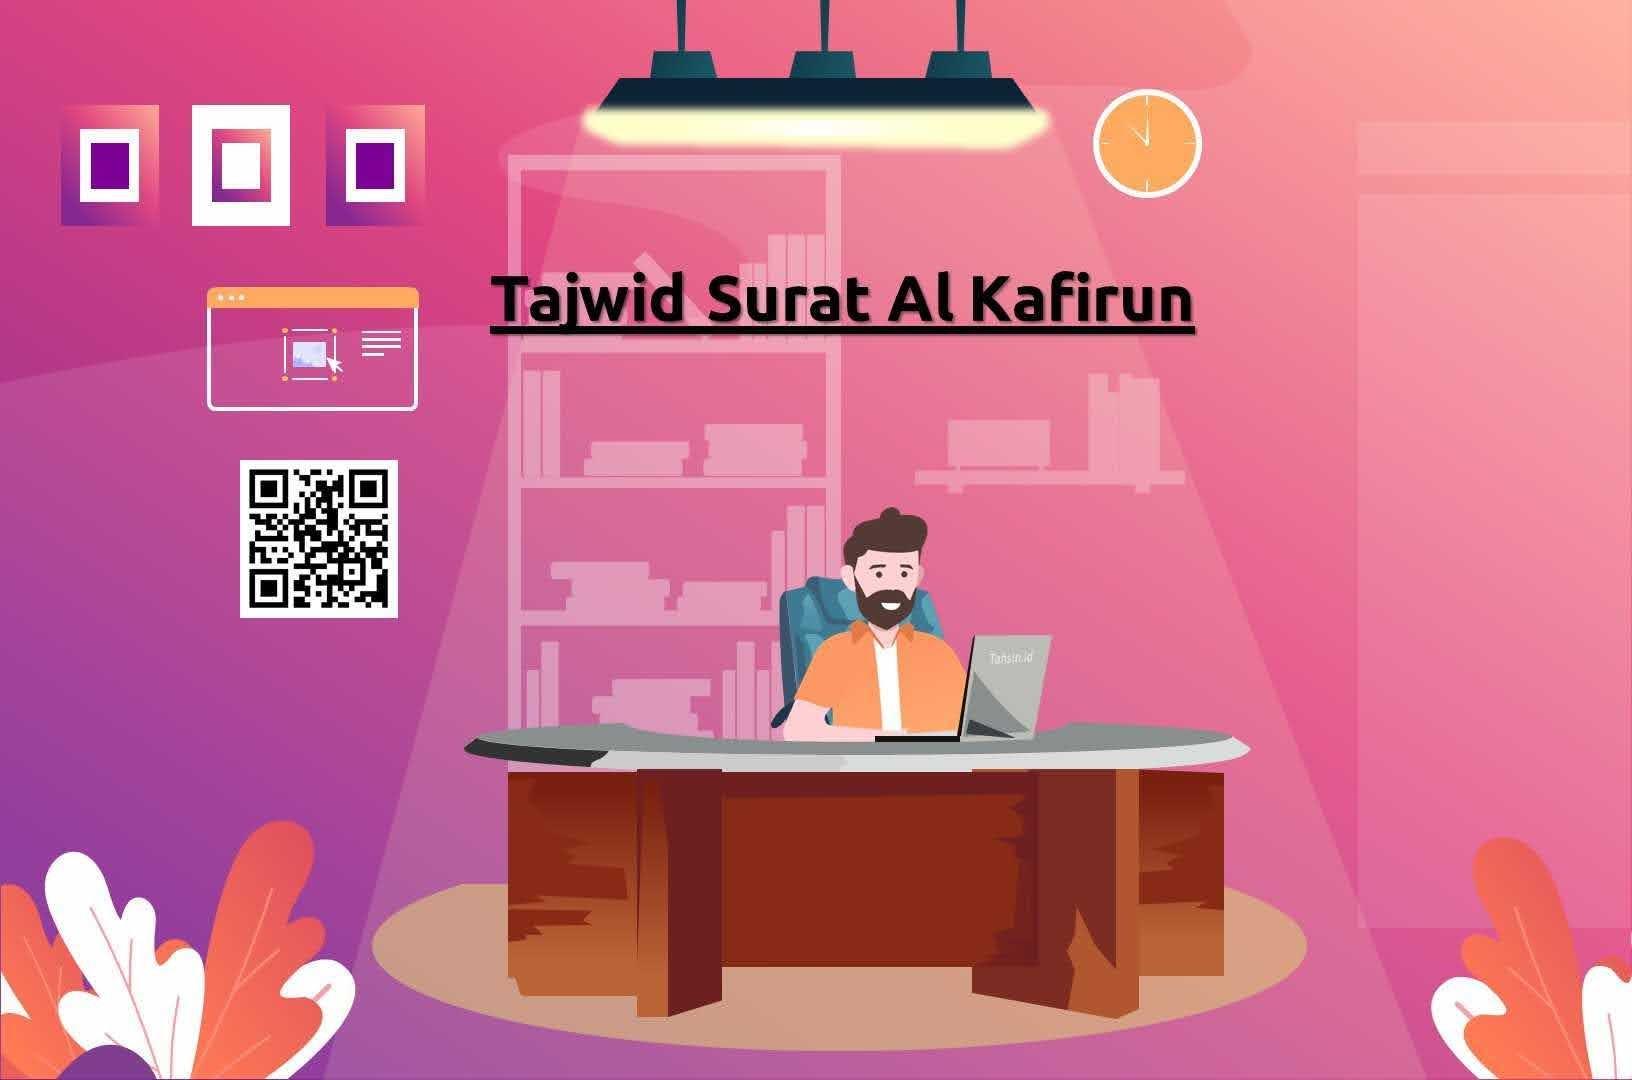 Tajwid surat Al Kafirun